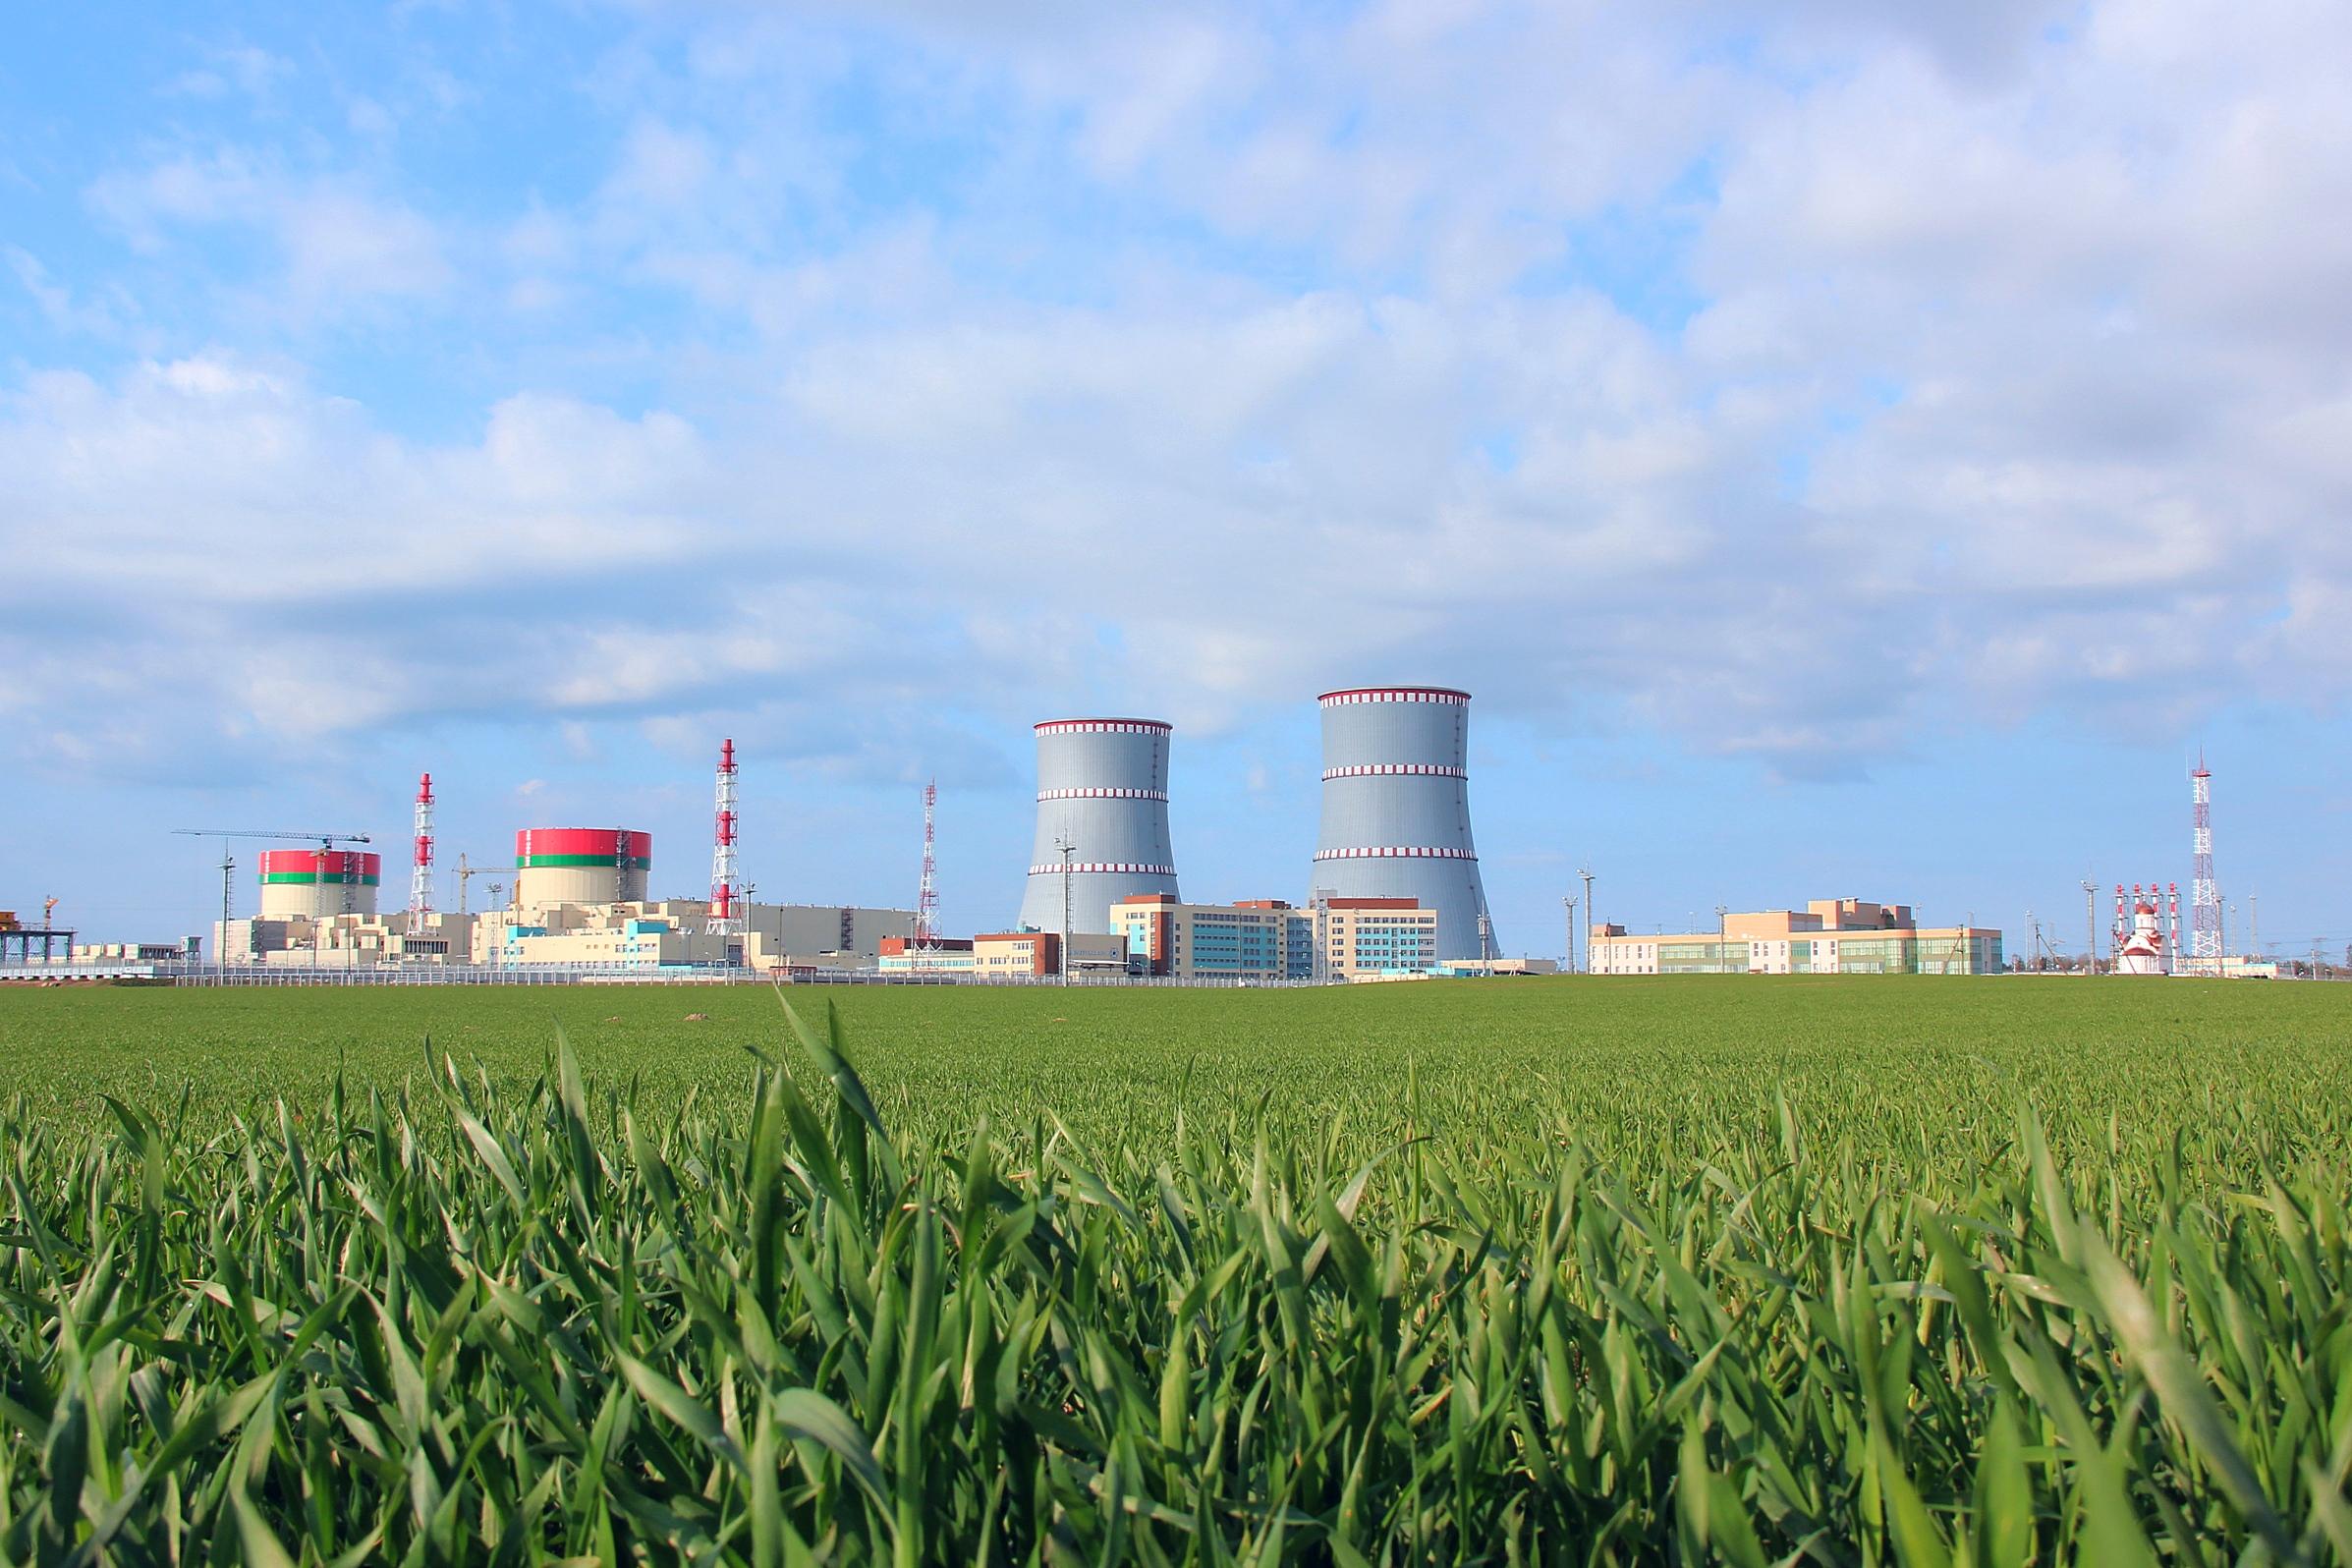 jaderná energie - V Běloruské jaderné elektrárně se poprvé roztočila turbína - Nové bloky ve světě (Běloruská jaderná elektrárna s dvěma bloky VVER 1200) 2